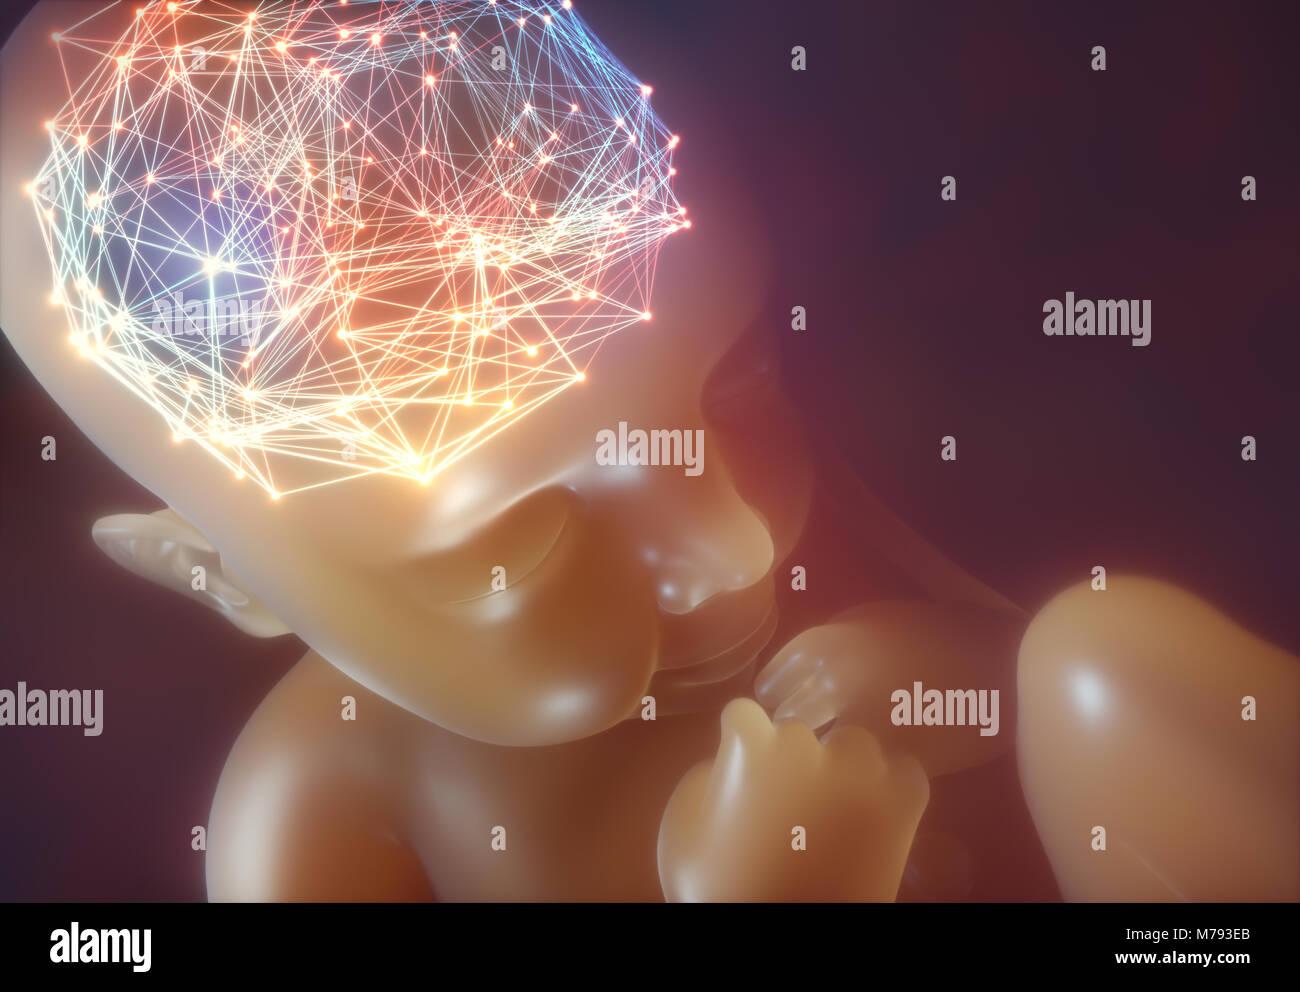 3D-Darstellung. Bild eines Babys im Mutterleib. Stockbild